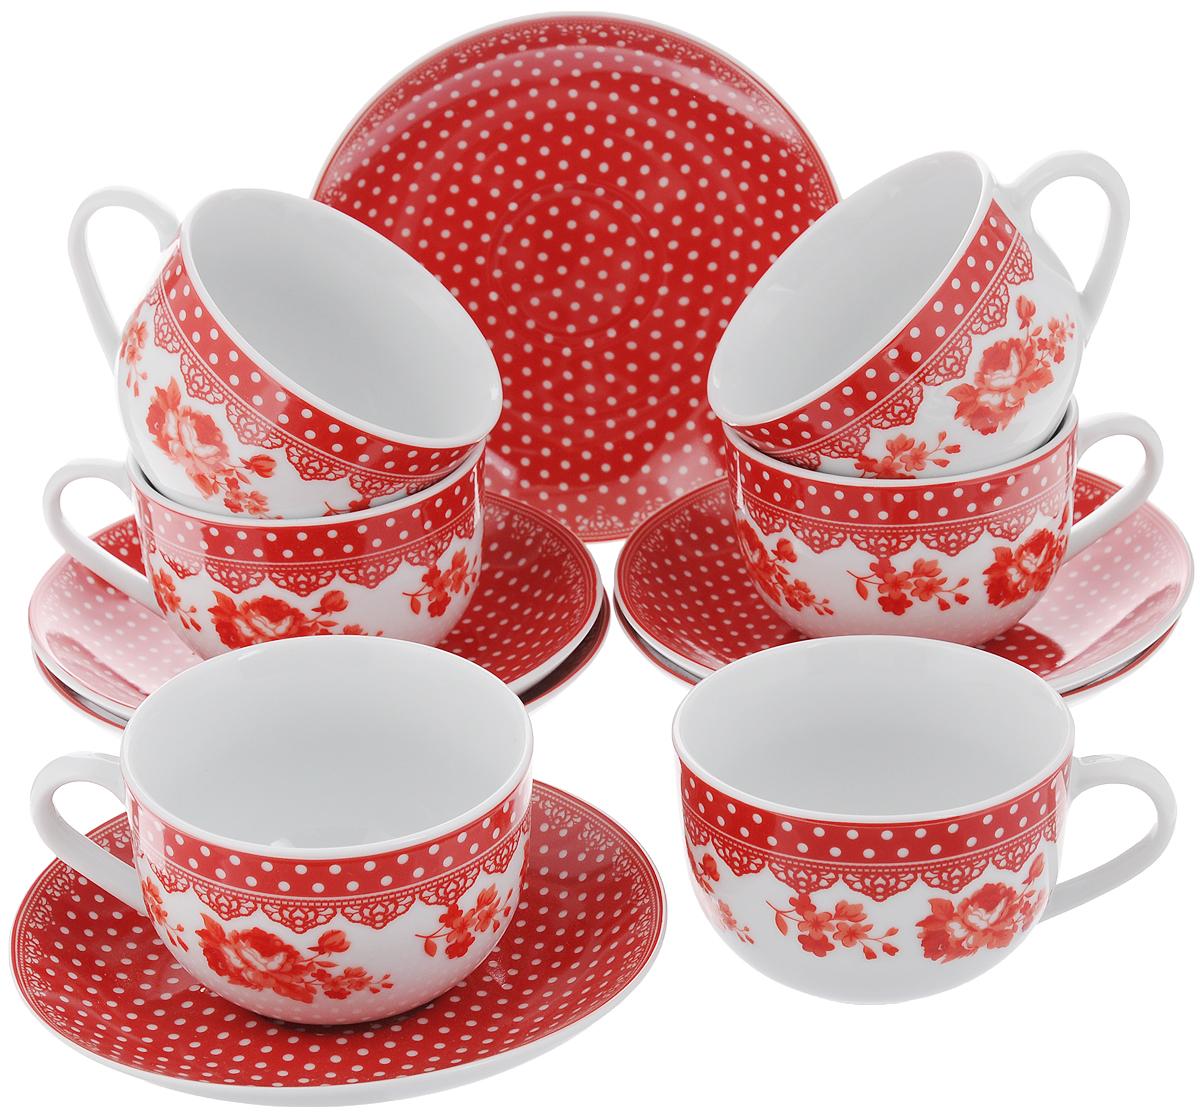 Набор чайный Loraine, цвет: белый, красный, 12 предметов. 2590725907Чайный набор Loraine состоит из 6 чашек и 6 блюдец. Изделия выполнены из высококачественного фарфора и оформлены ярким рисунком. Такой набор прекрасно дополнит сервировку стола к чаепитию, а также станет замечательным подарком для ваших друзей и близких. Объем чашки: 220 мл. Диаметр чашки по верхнему краю: 9 см. Высота чашки: 6,2 см. Диаметр блюдца: 14,5 см. Высота блюдца: 2,3 см.